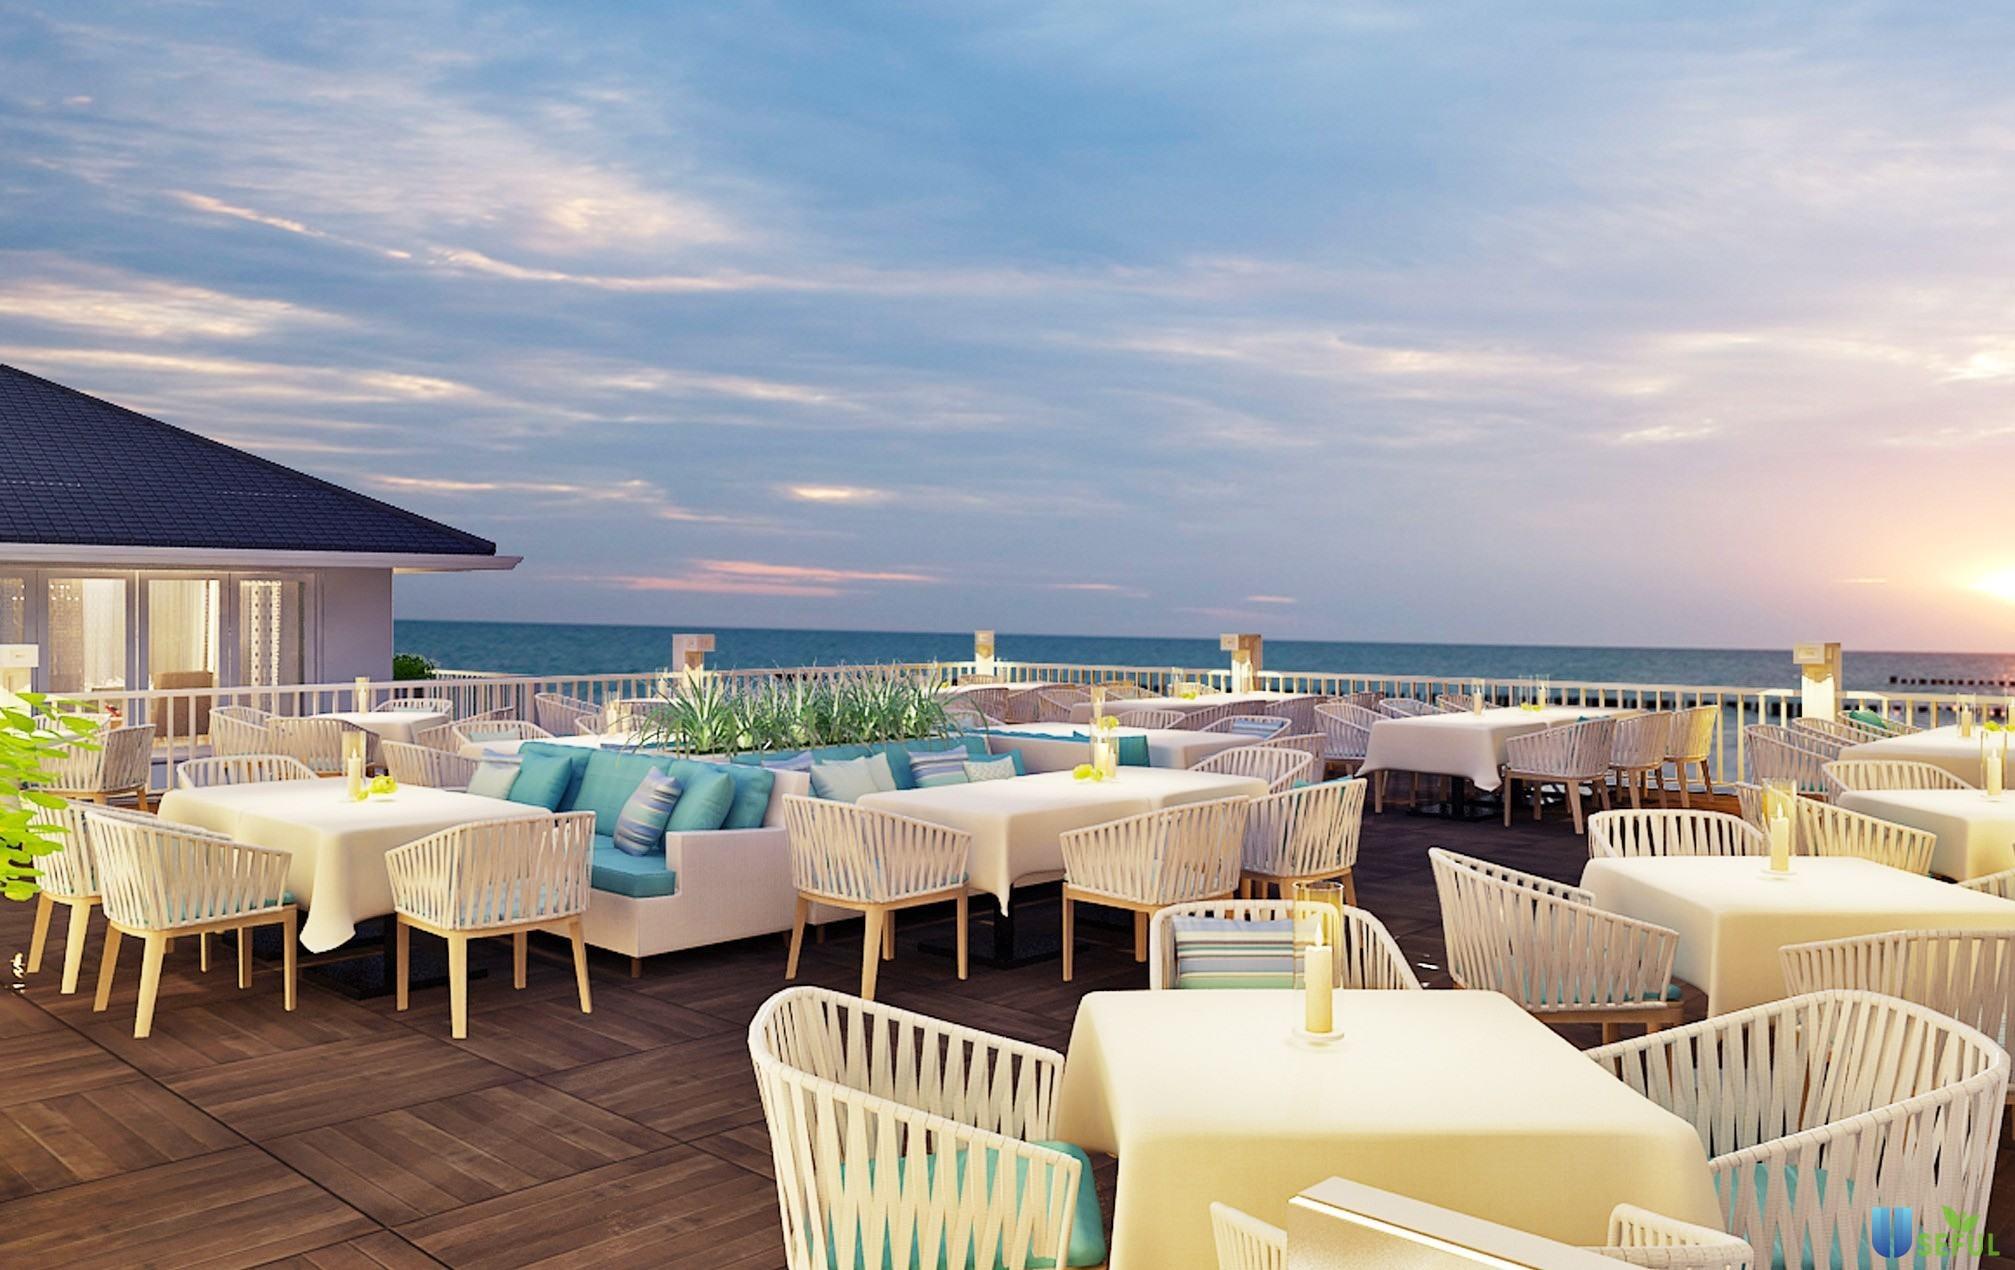 Không gian nhà hàng có hướng nhìn ra biển